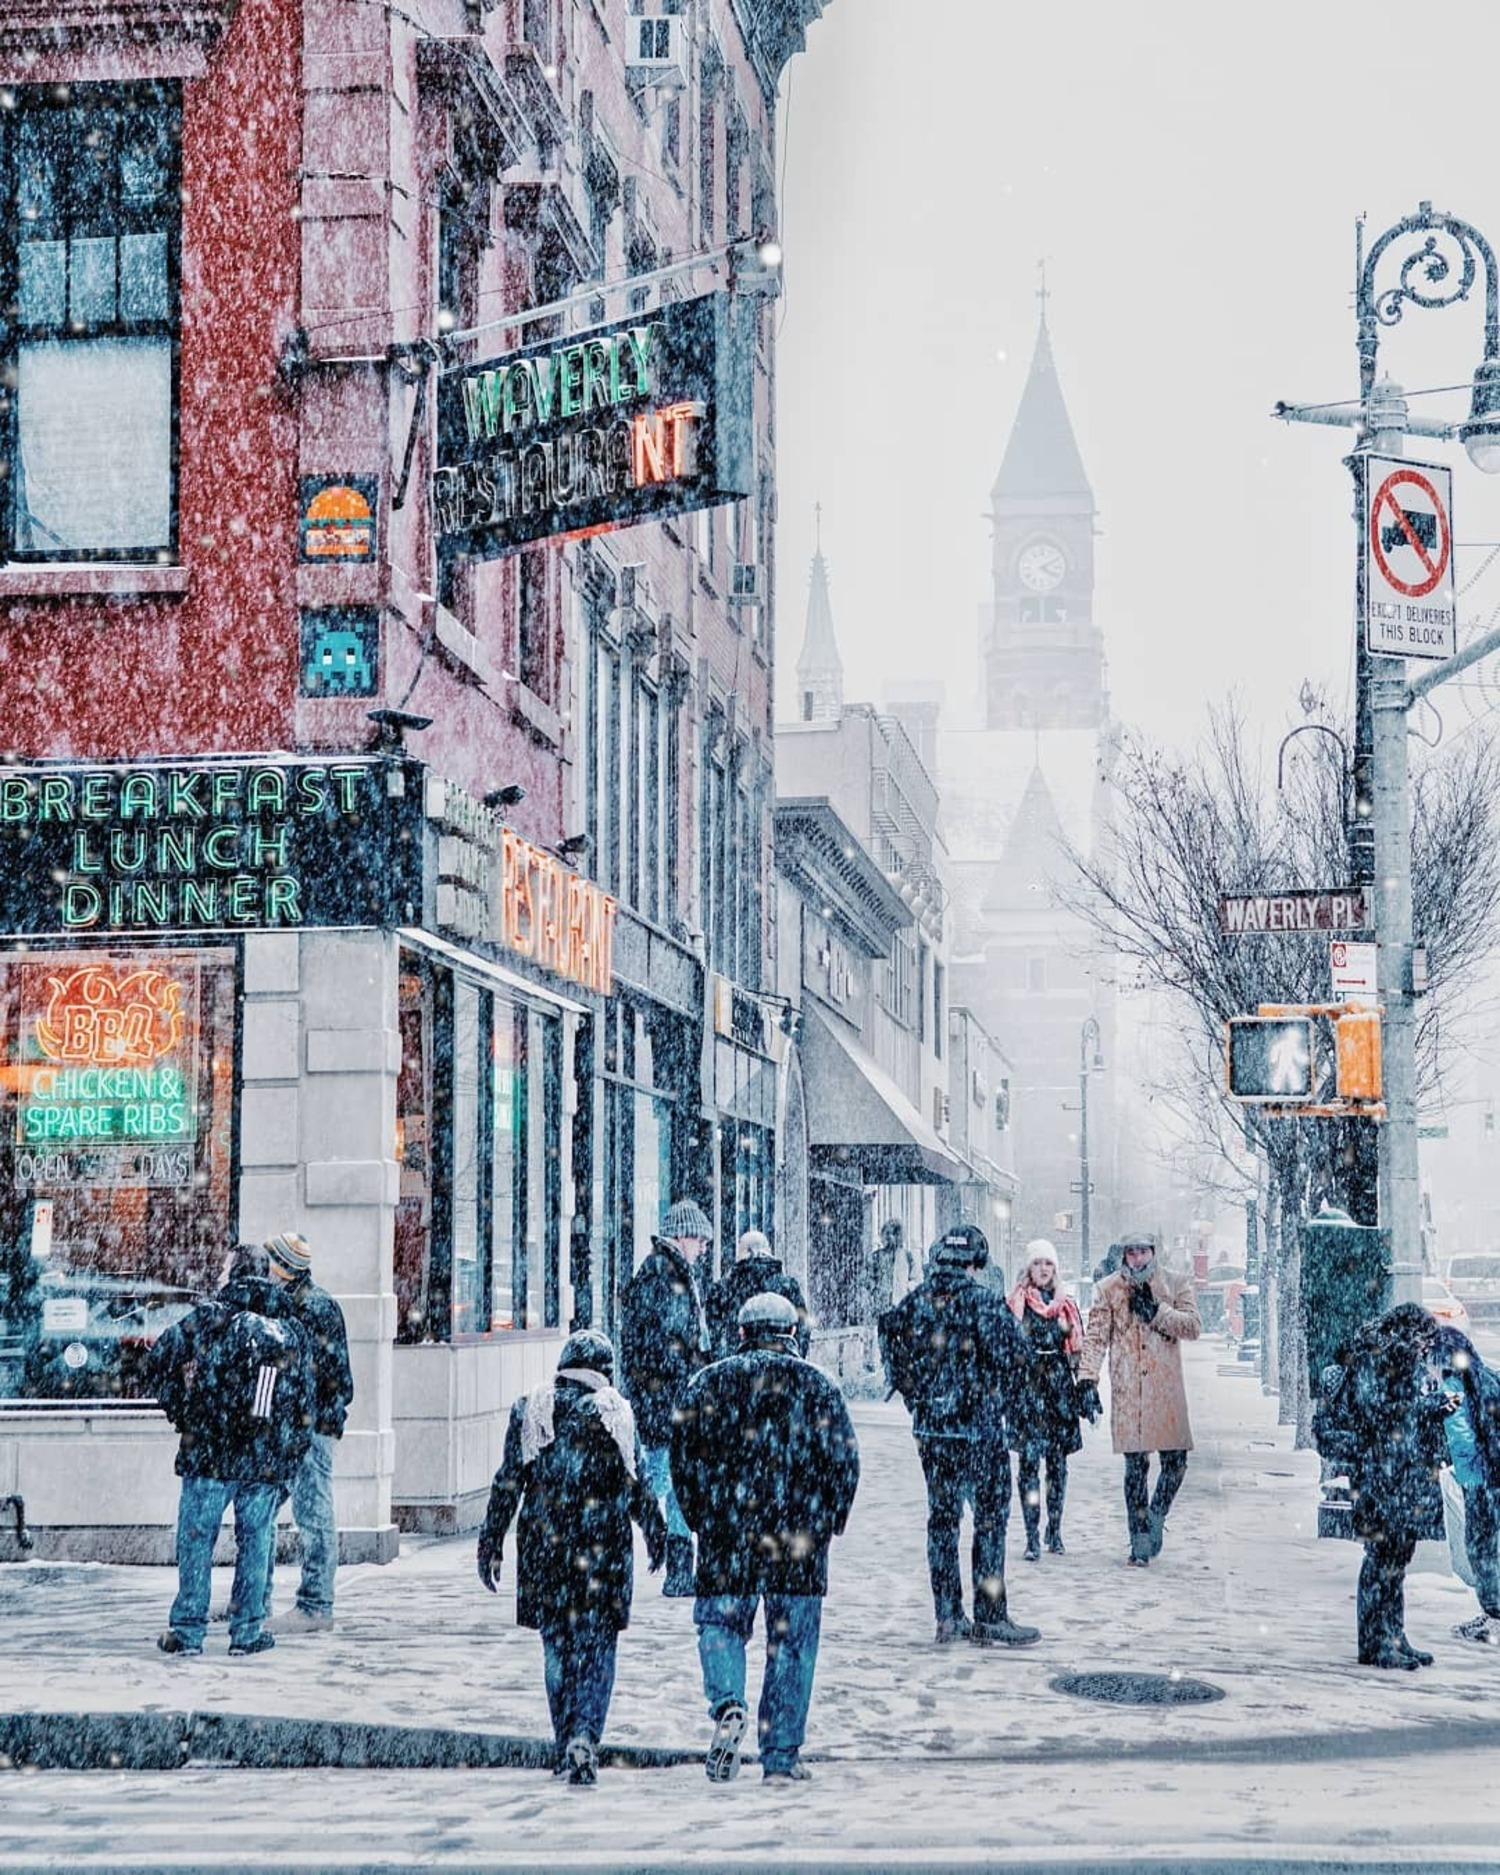 Greenwich Village, Manhattan